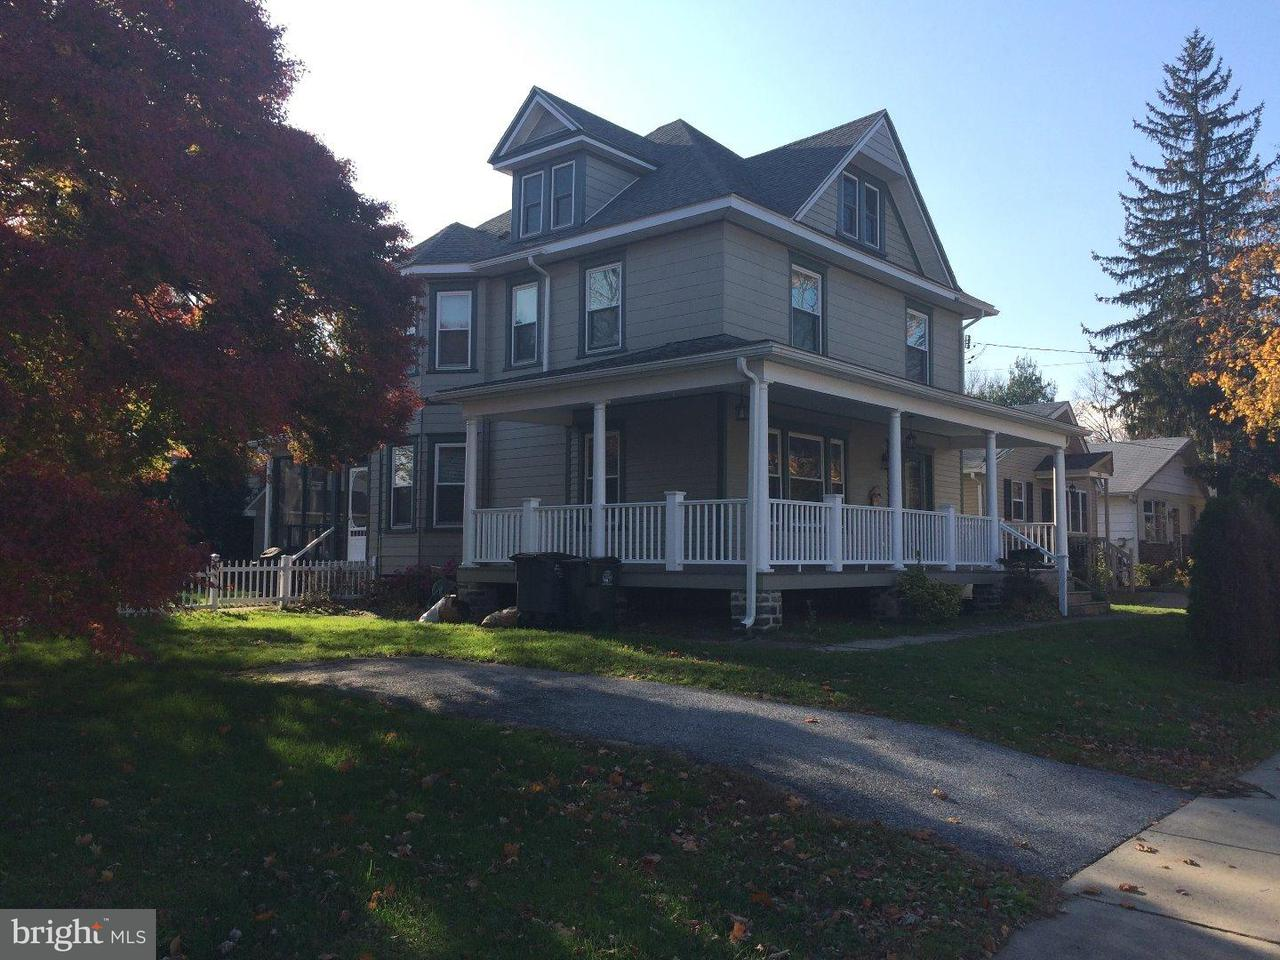 Частный односемейный дом для того Аренда на 214 CHESTNUT PKWY Wallingford, Пенсильвания 19086 Соединенные Штаты